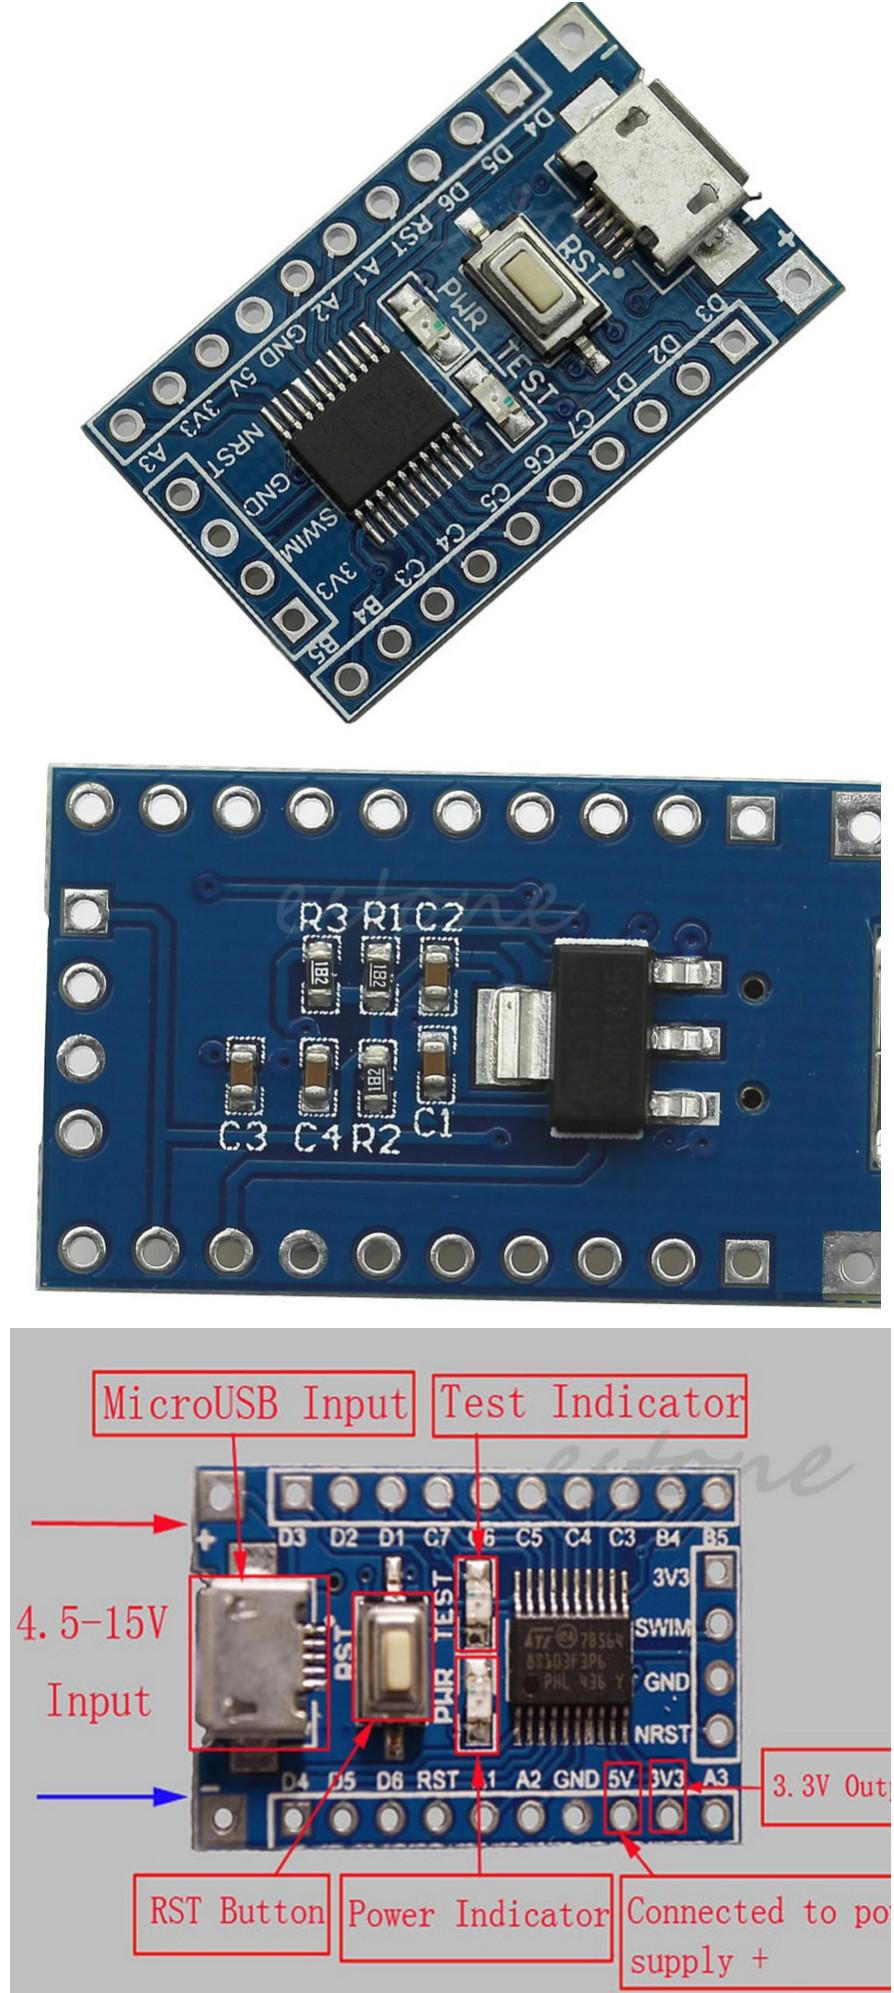 Для прошивки микроконтроллера необходимо соединить выходы программатора vcc, gnd, reset, sck, mosi